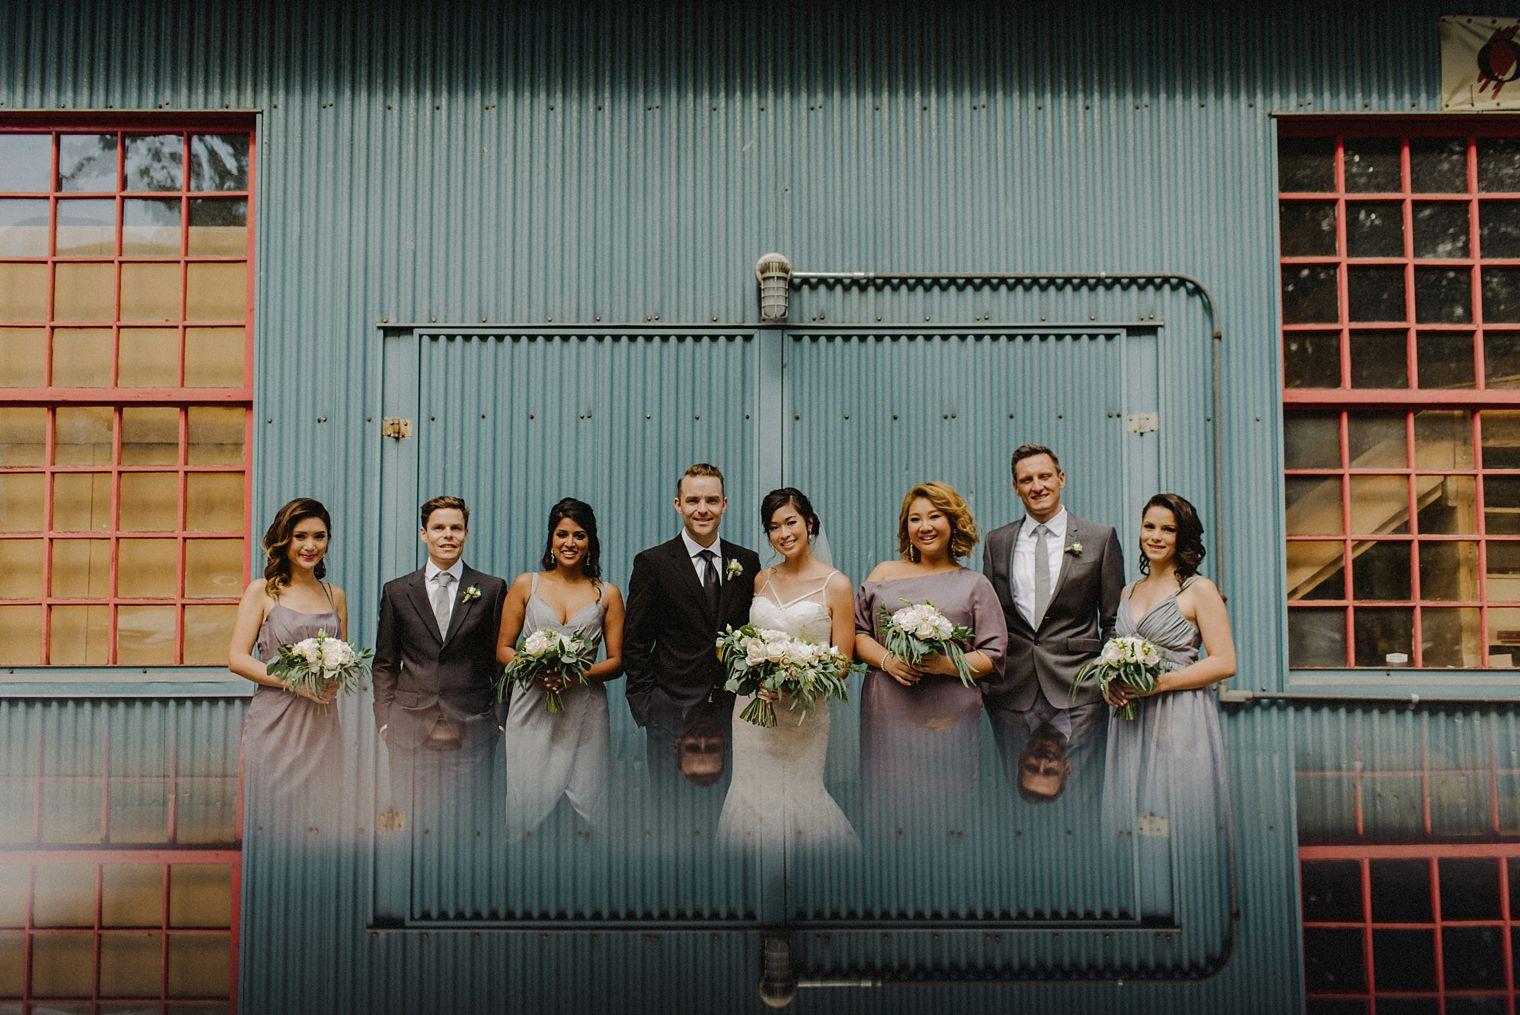 unique granville island wedding party portrait